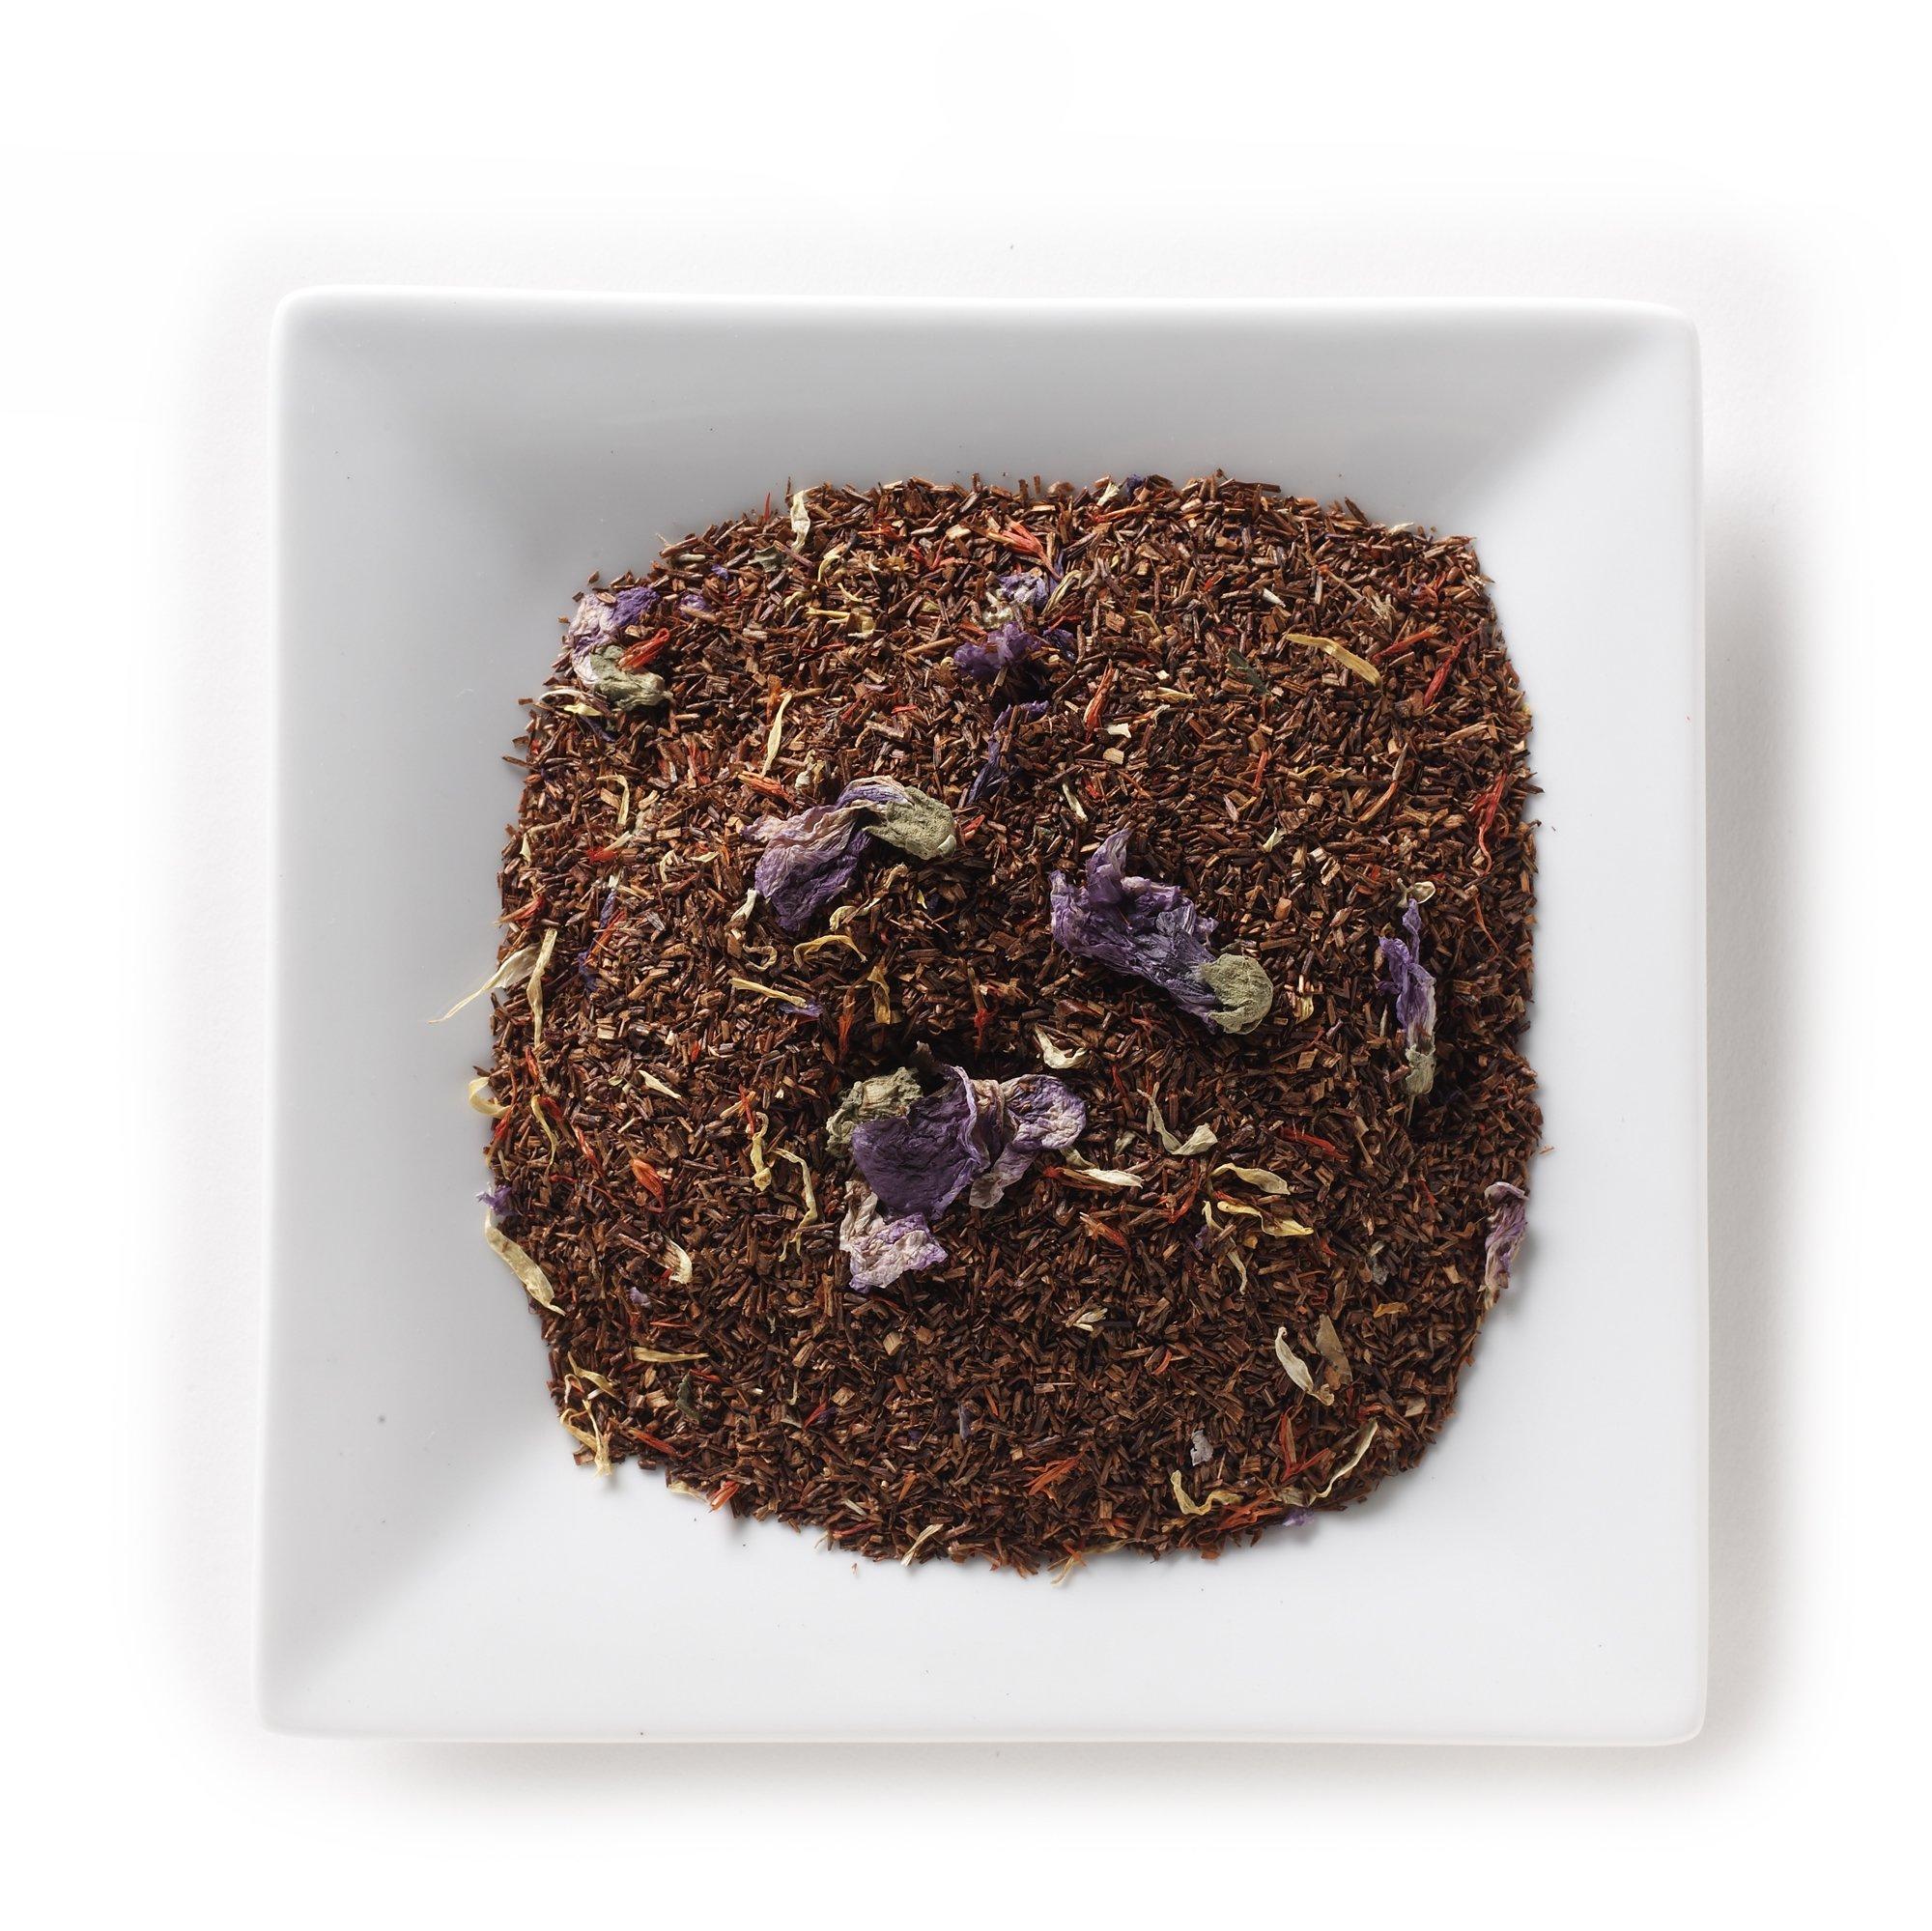 Mahamosa Rooibos Paradise 8 oz (Mango, Passion Fruit) - Rooibos Herbal Loose Leaf (Looseleaf) Tea Blend